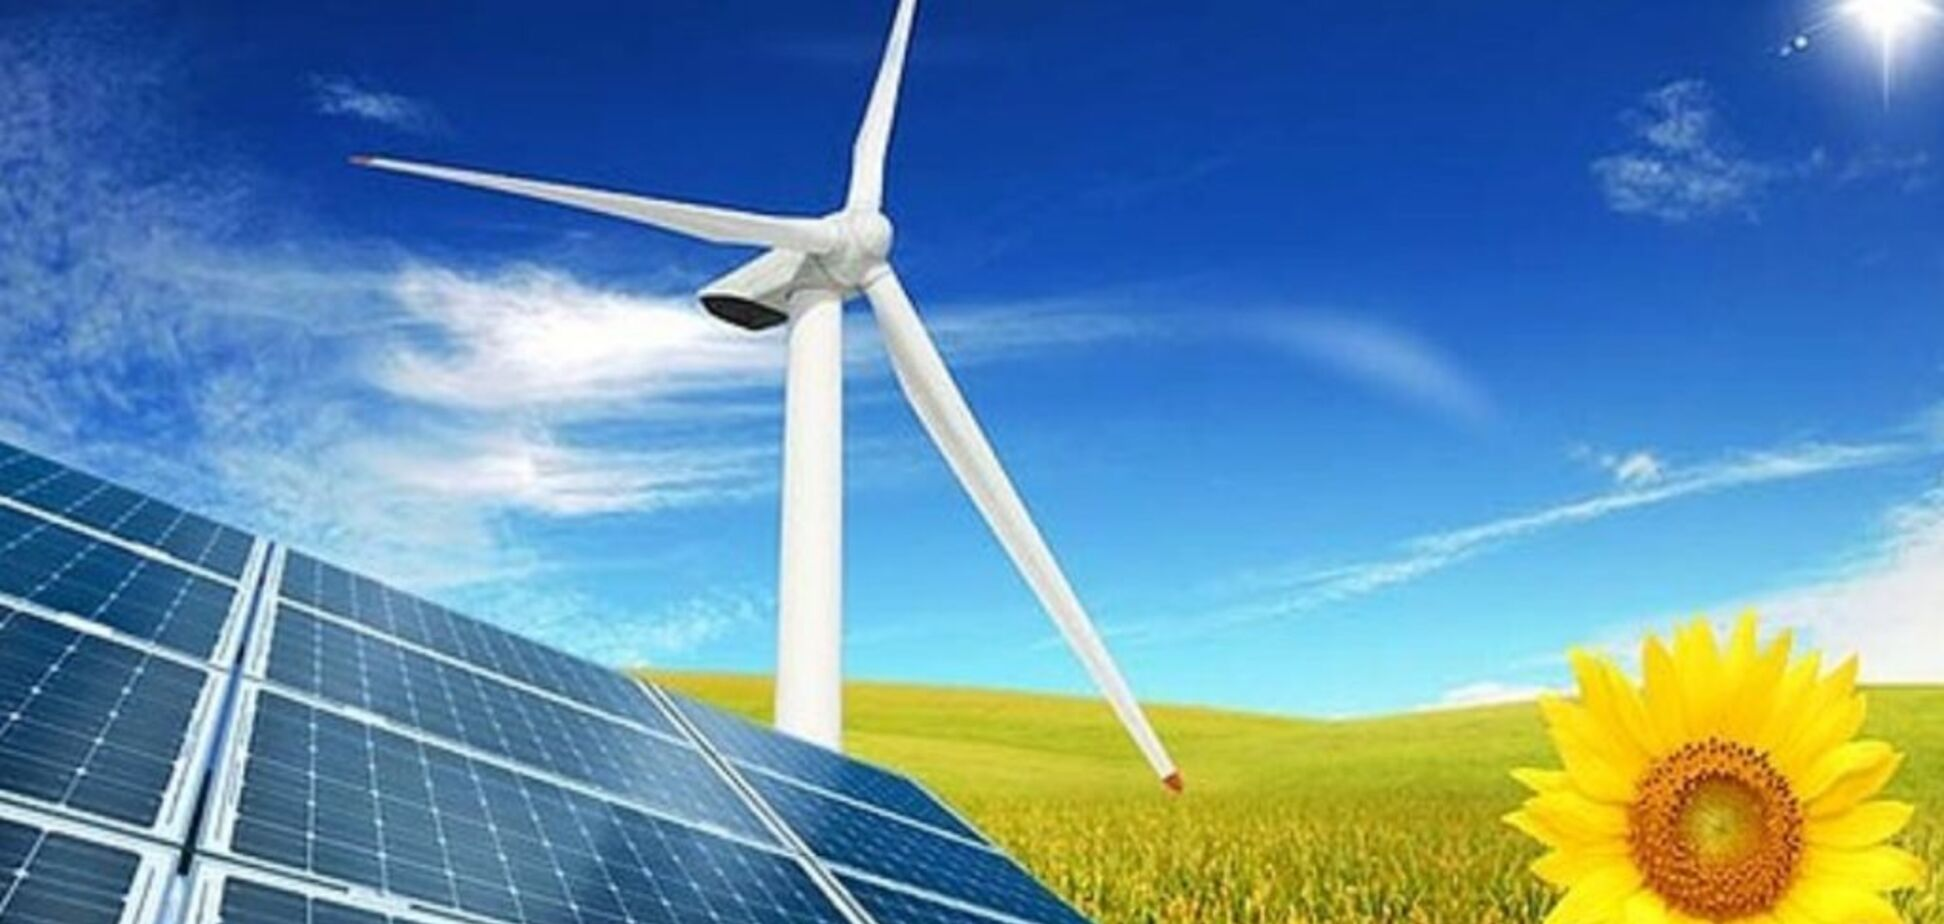 Енергія сонця або вітру: як розбагатіти на 'зелених' тарифах в Україні